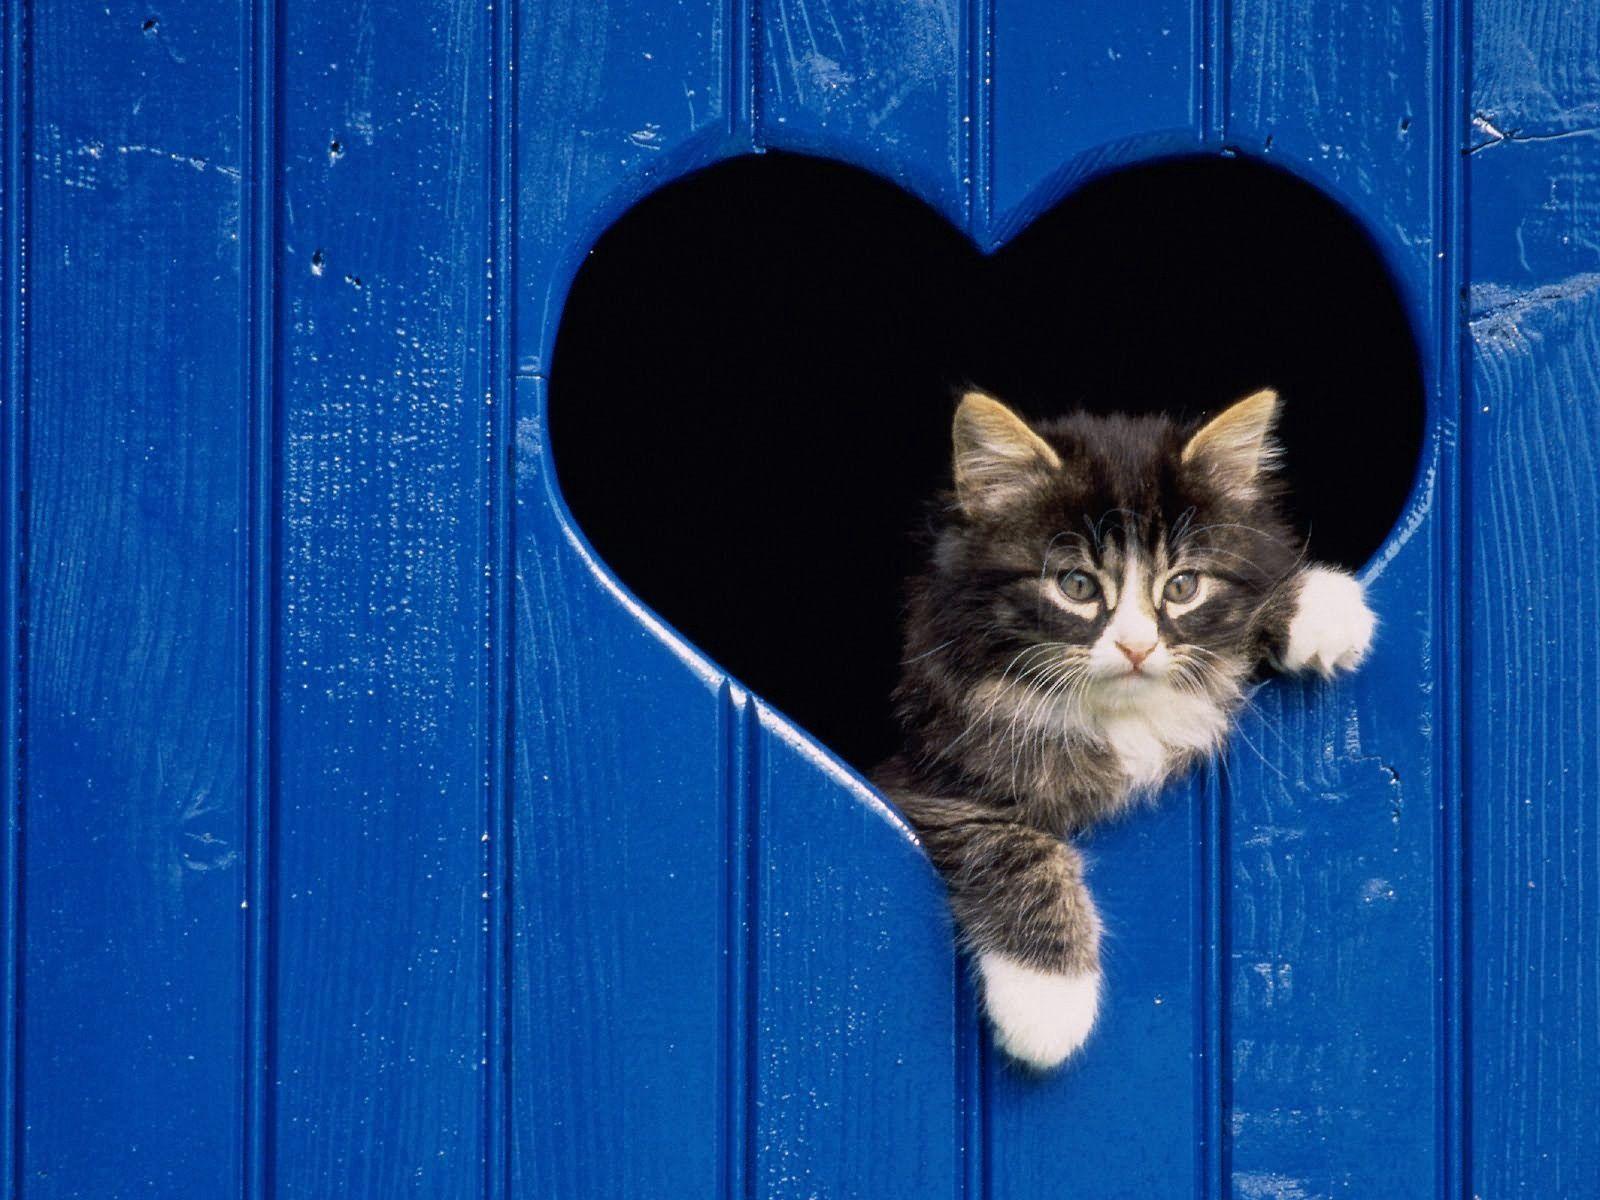 84185 Hintergrundbild 720x1280 kostenlos auf deinem Handy, lade Bilder Tiere, Herzen, Flauschige, Kätzchen, Ein Herz, Herausschauen, Achtung 720x1280 auf dein Handy herunter